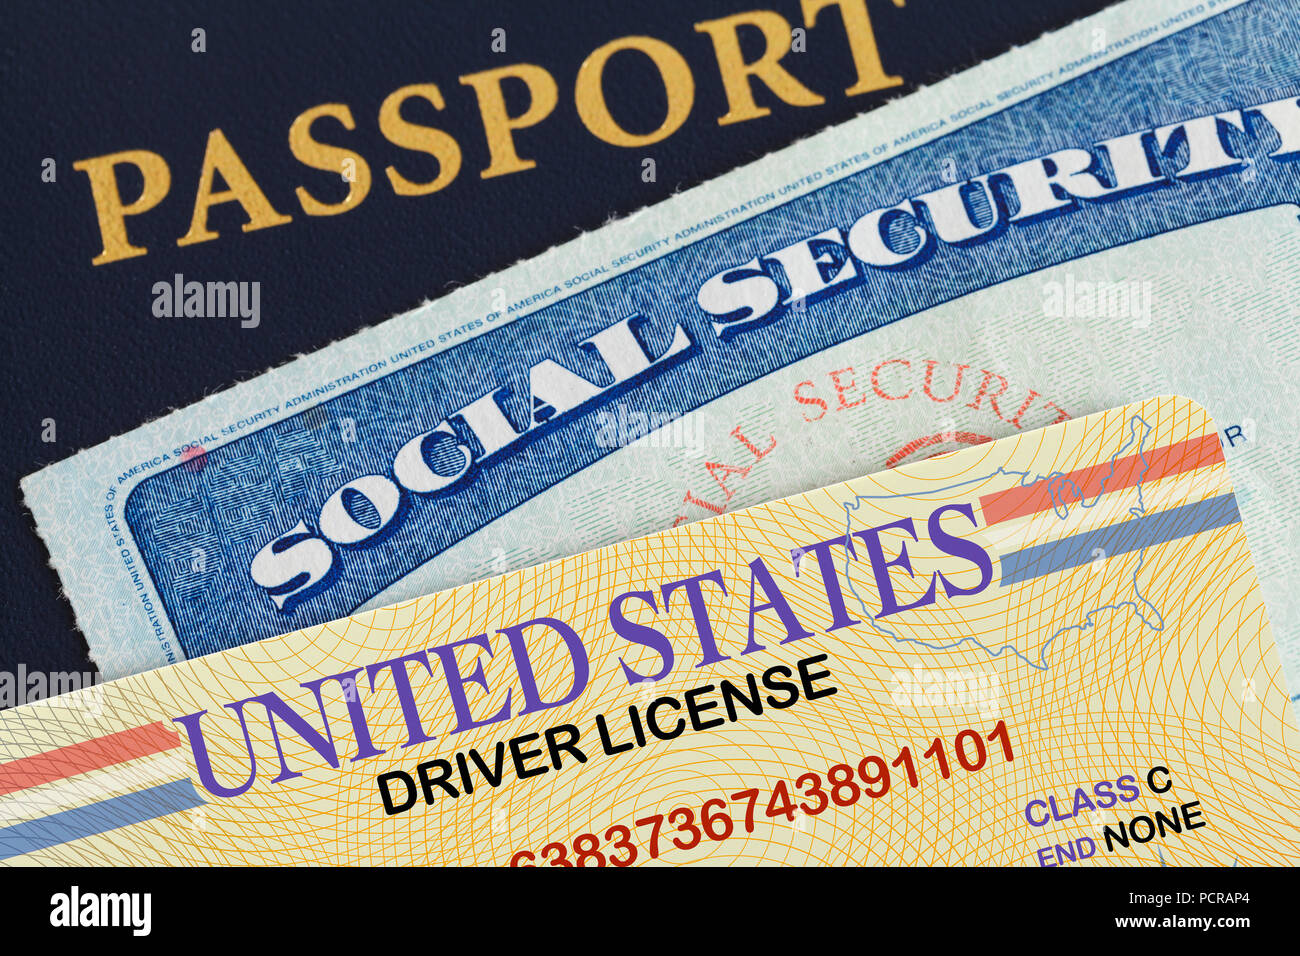 Ee.Uu. Pasaporte con Licencia de Conducir y Tarjeta de la Seguridad Social. Imagen De Stock